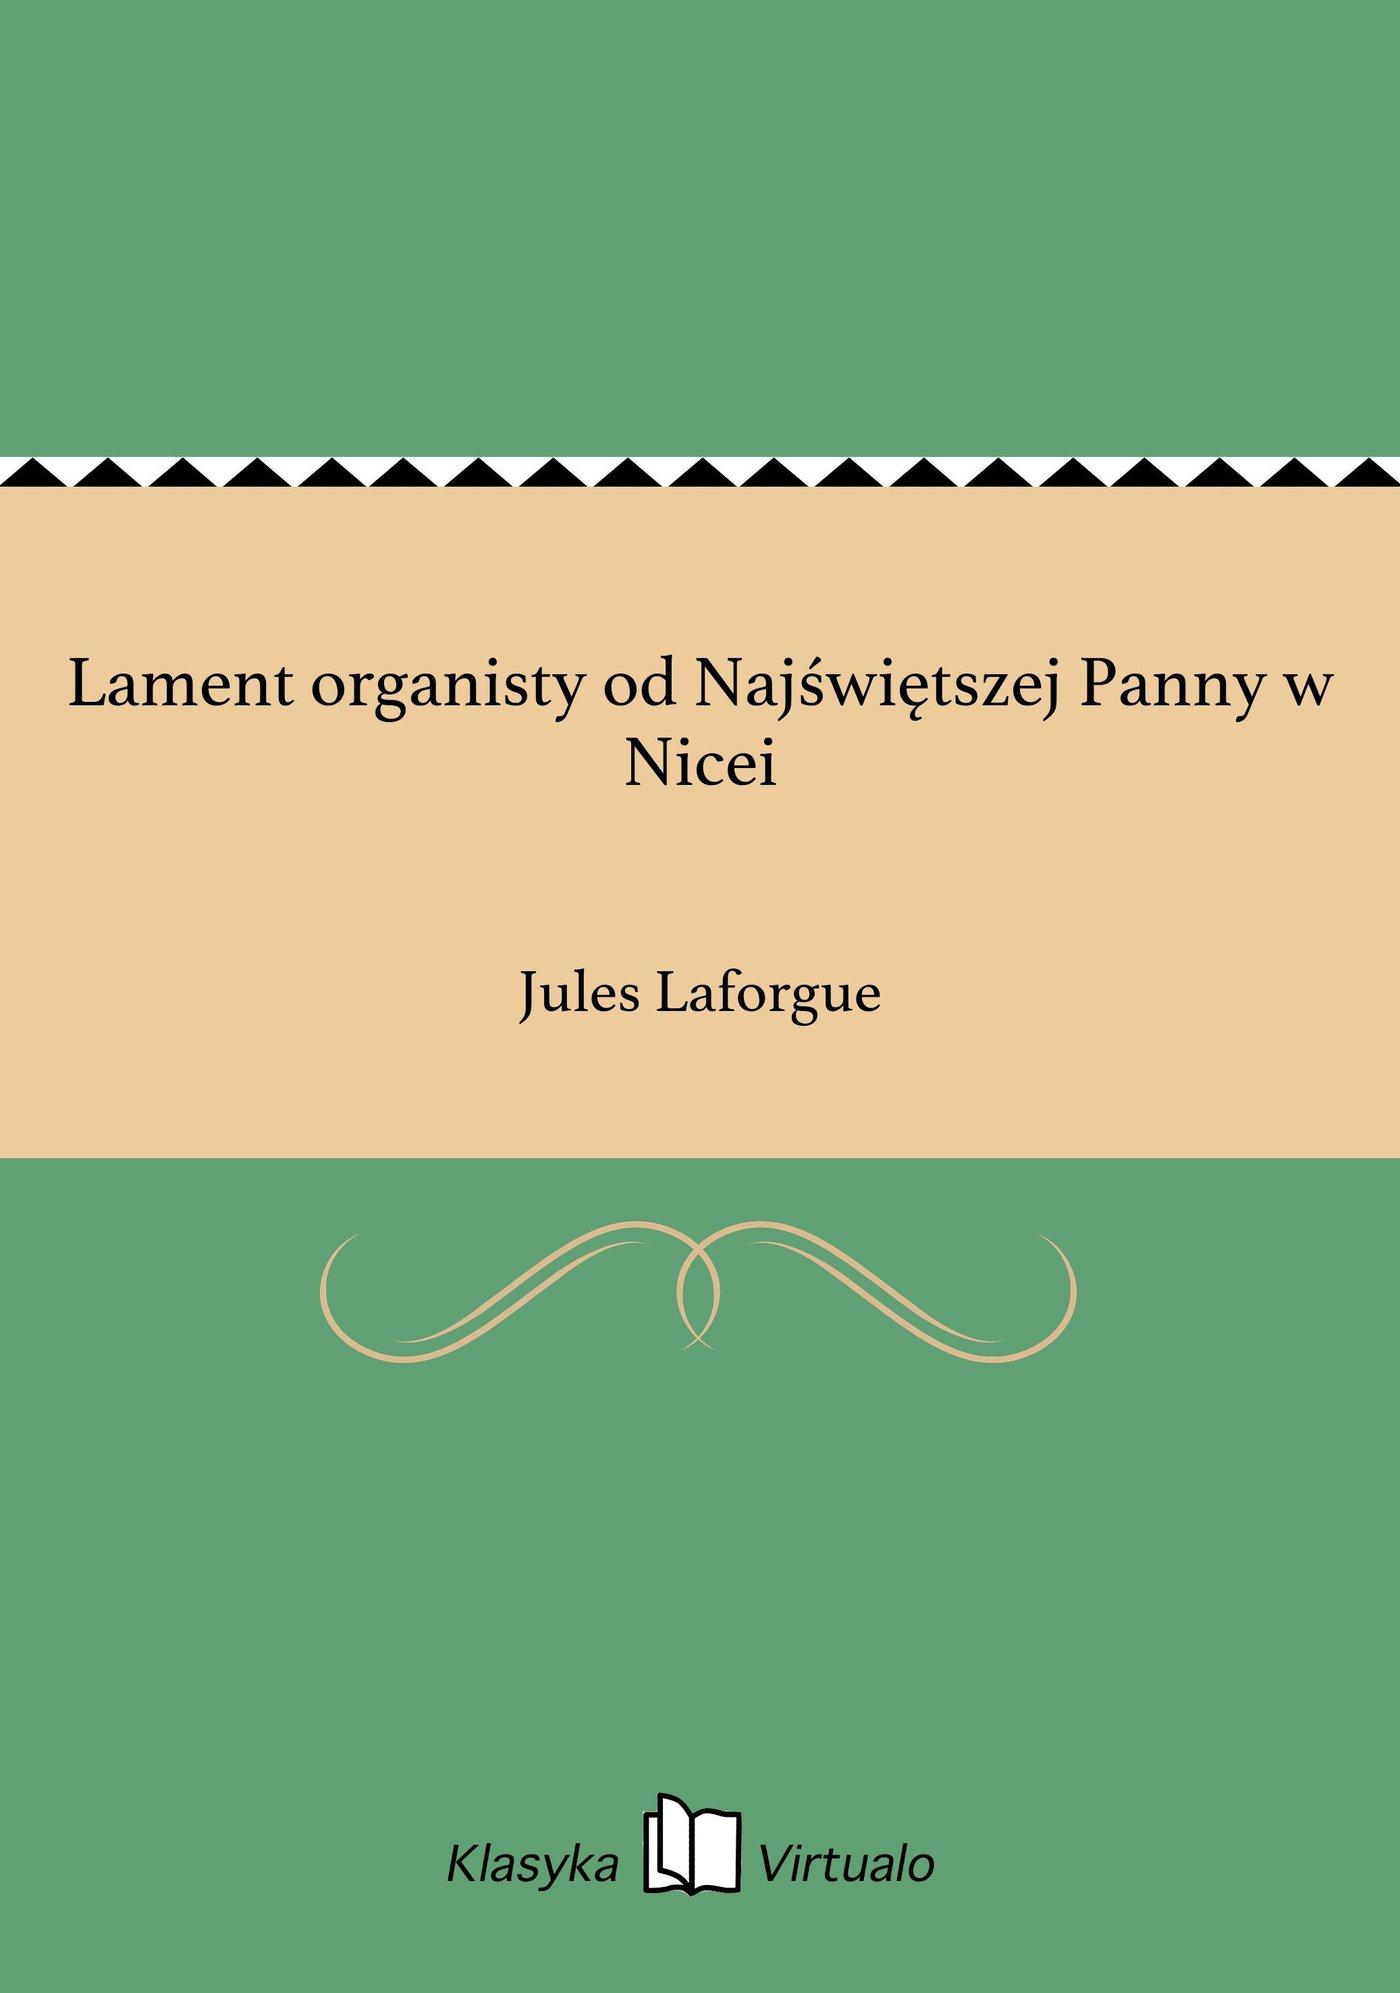 Lament organisty od Najświętszej Panny w Nicei - Ebook (Książka EPUB) do pobrania w formacie EPUB